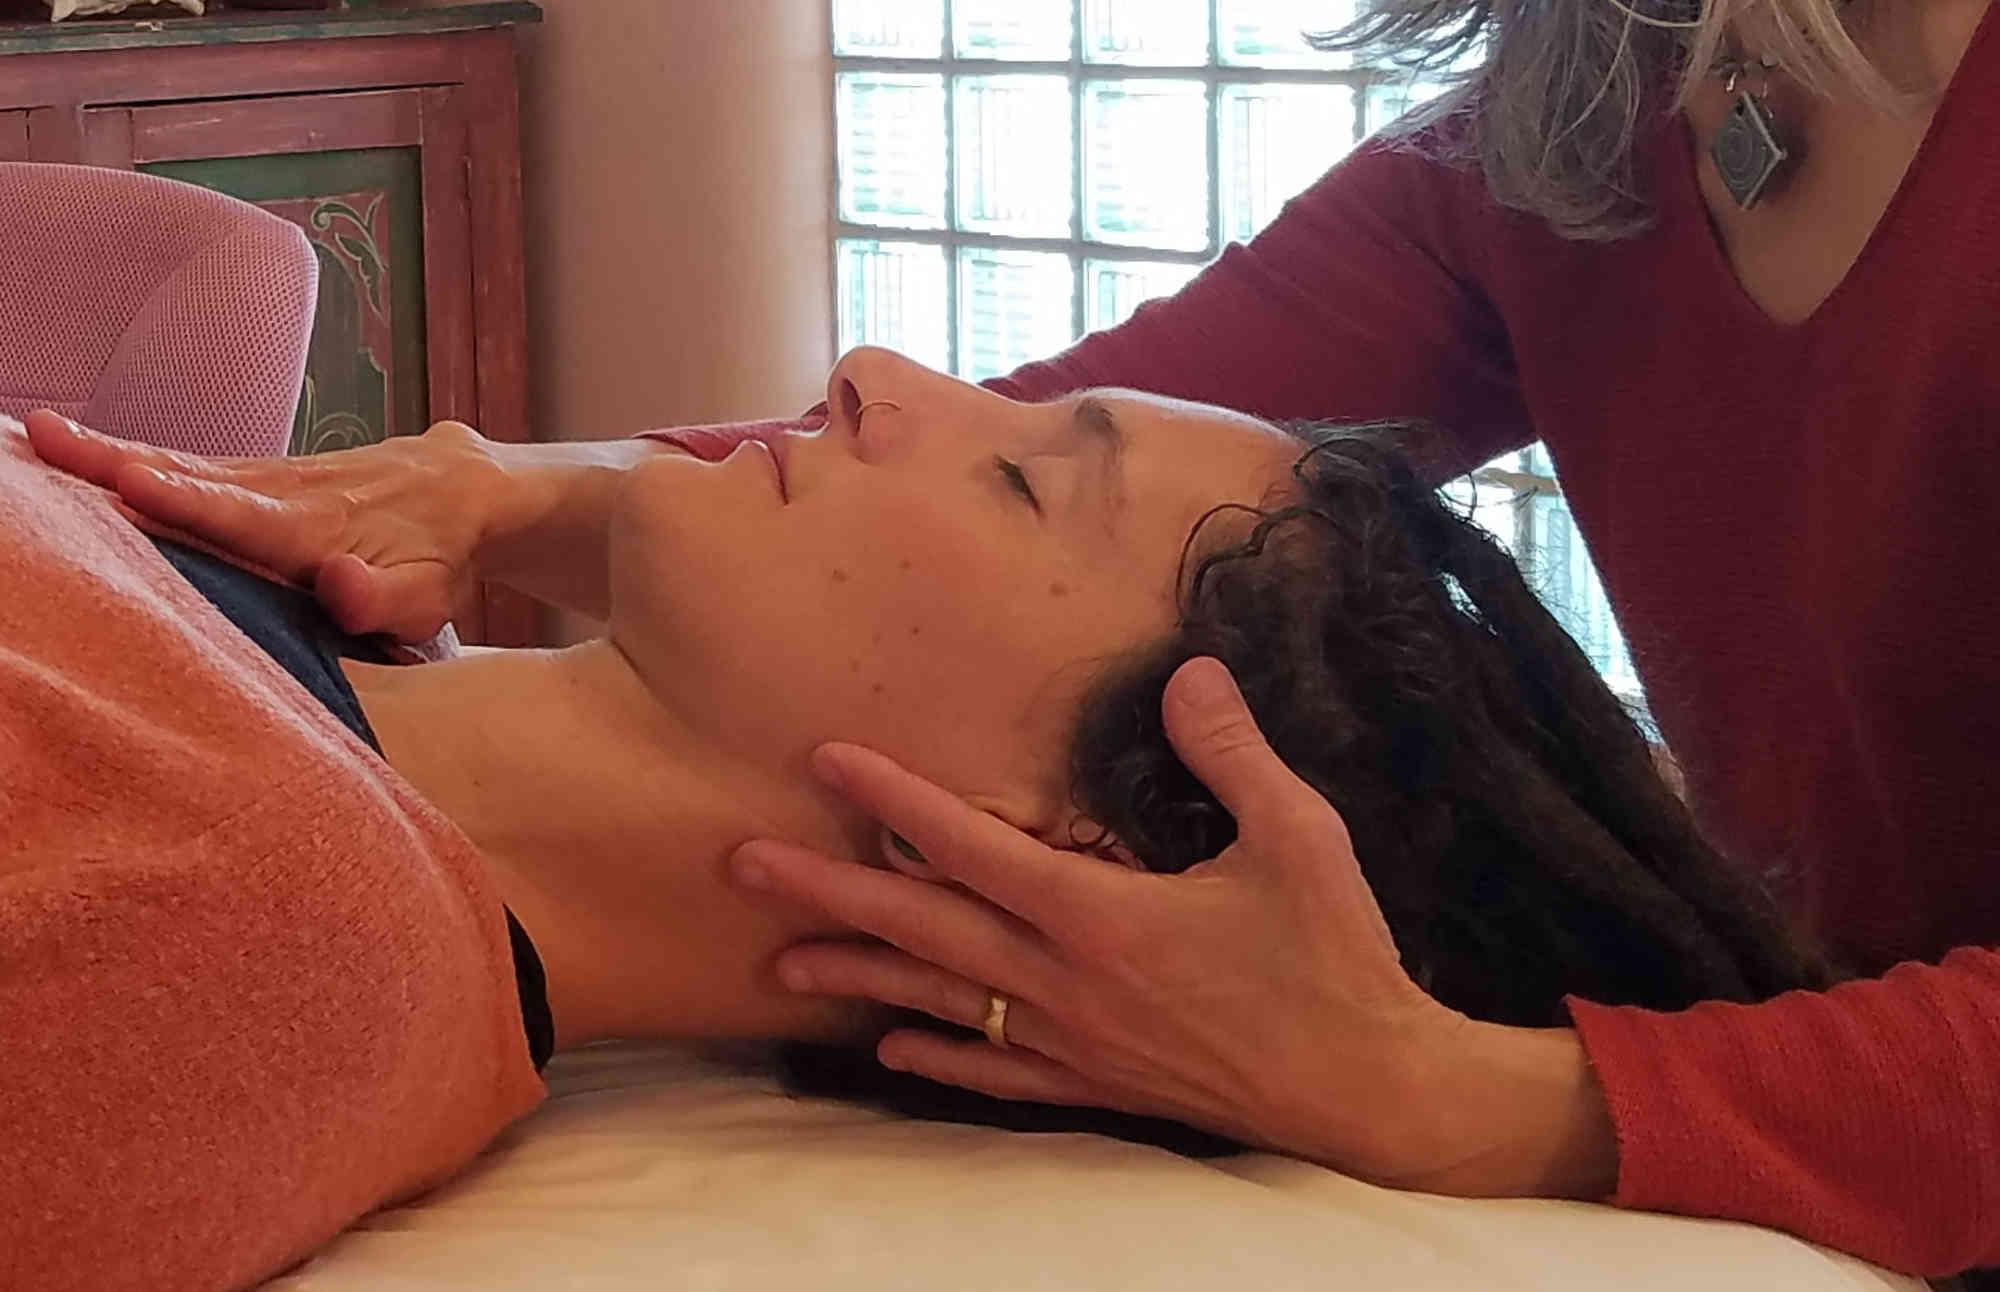 CranioSacral treatment at Rocket Inn